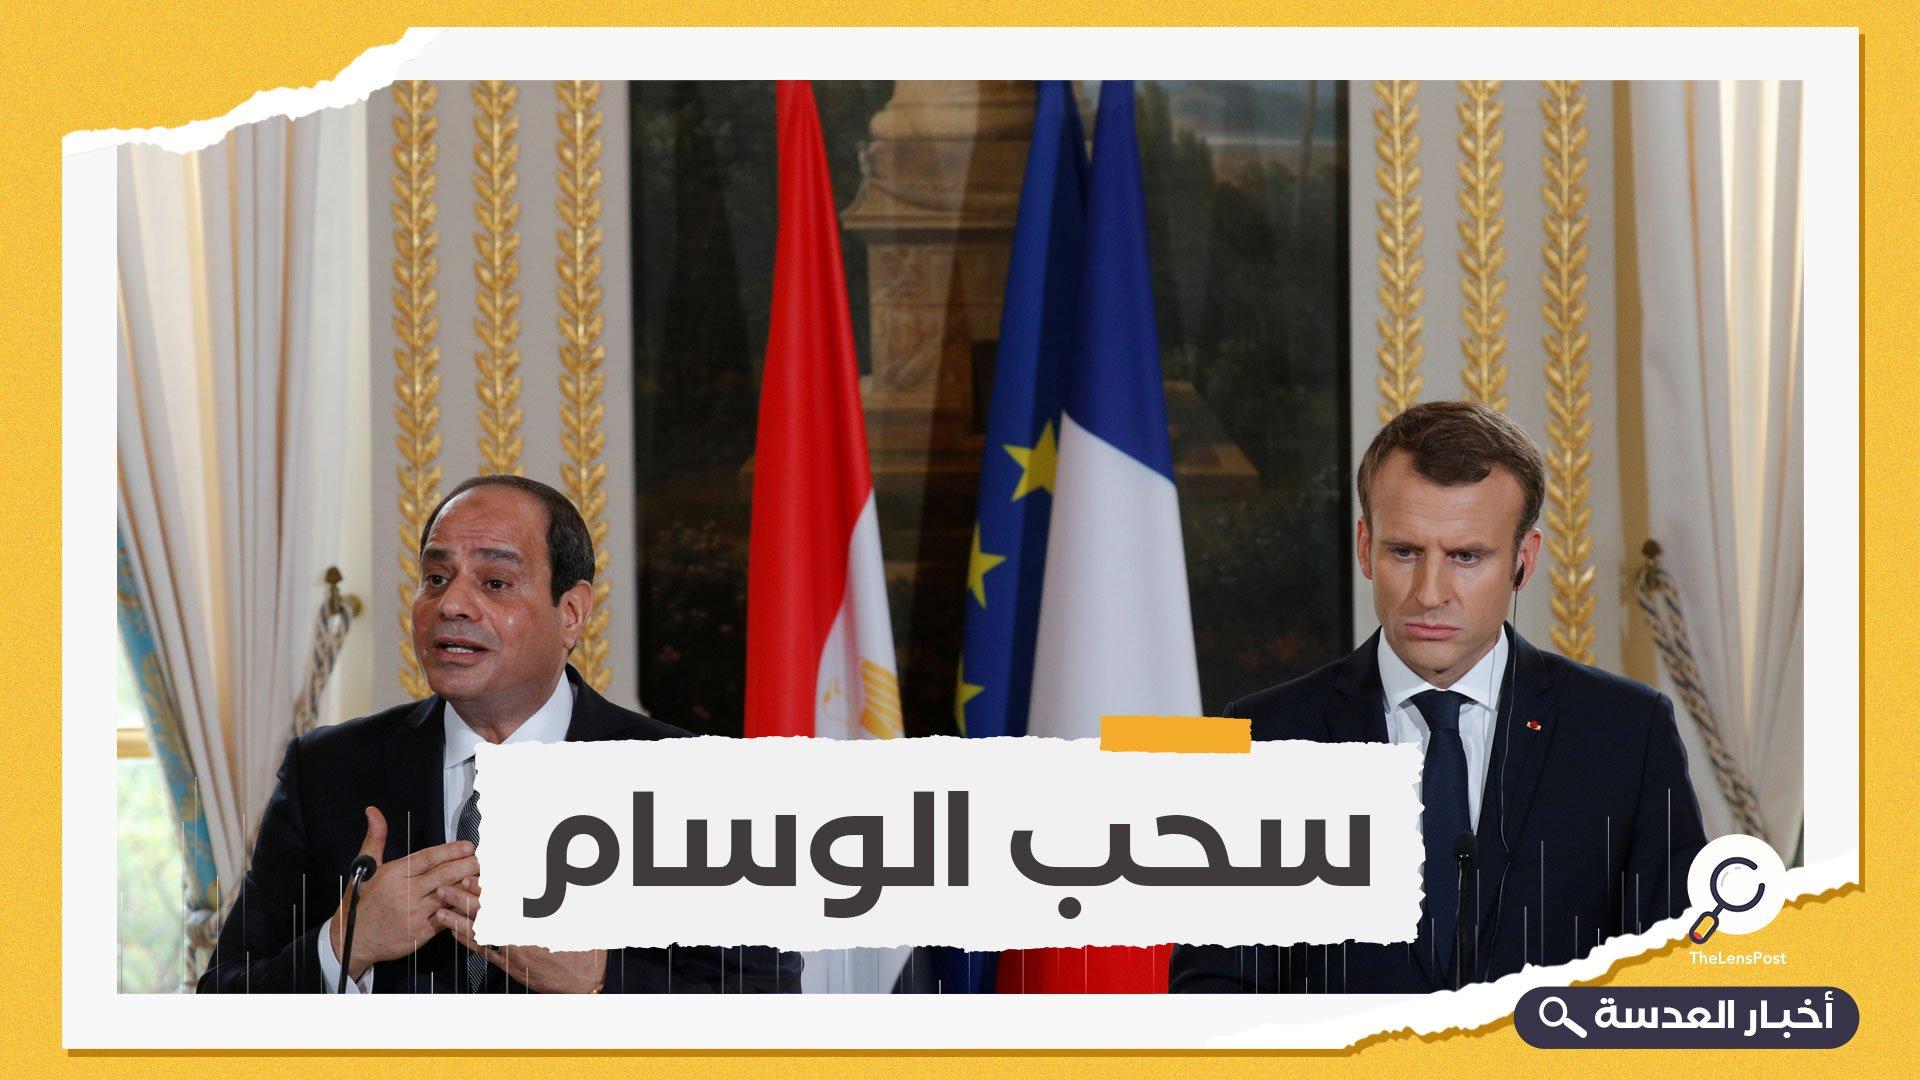 """مجرم و استبدادي.. دعوى قضائية لسحب """"وسام الشرف الفرنسي"""" من السيسي"""